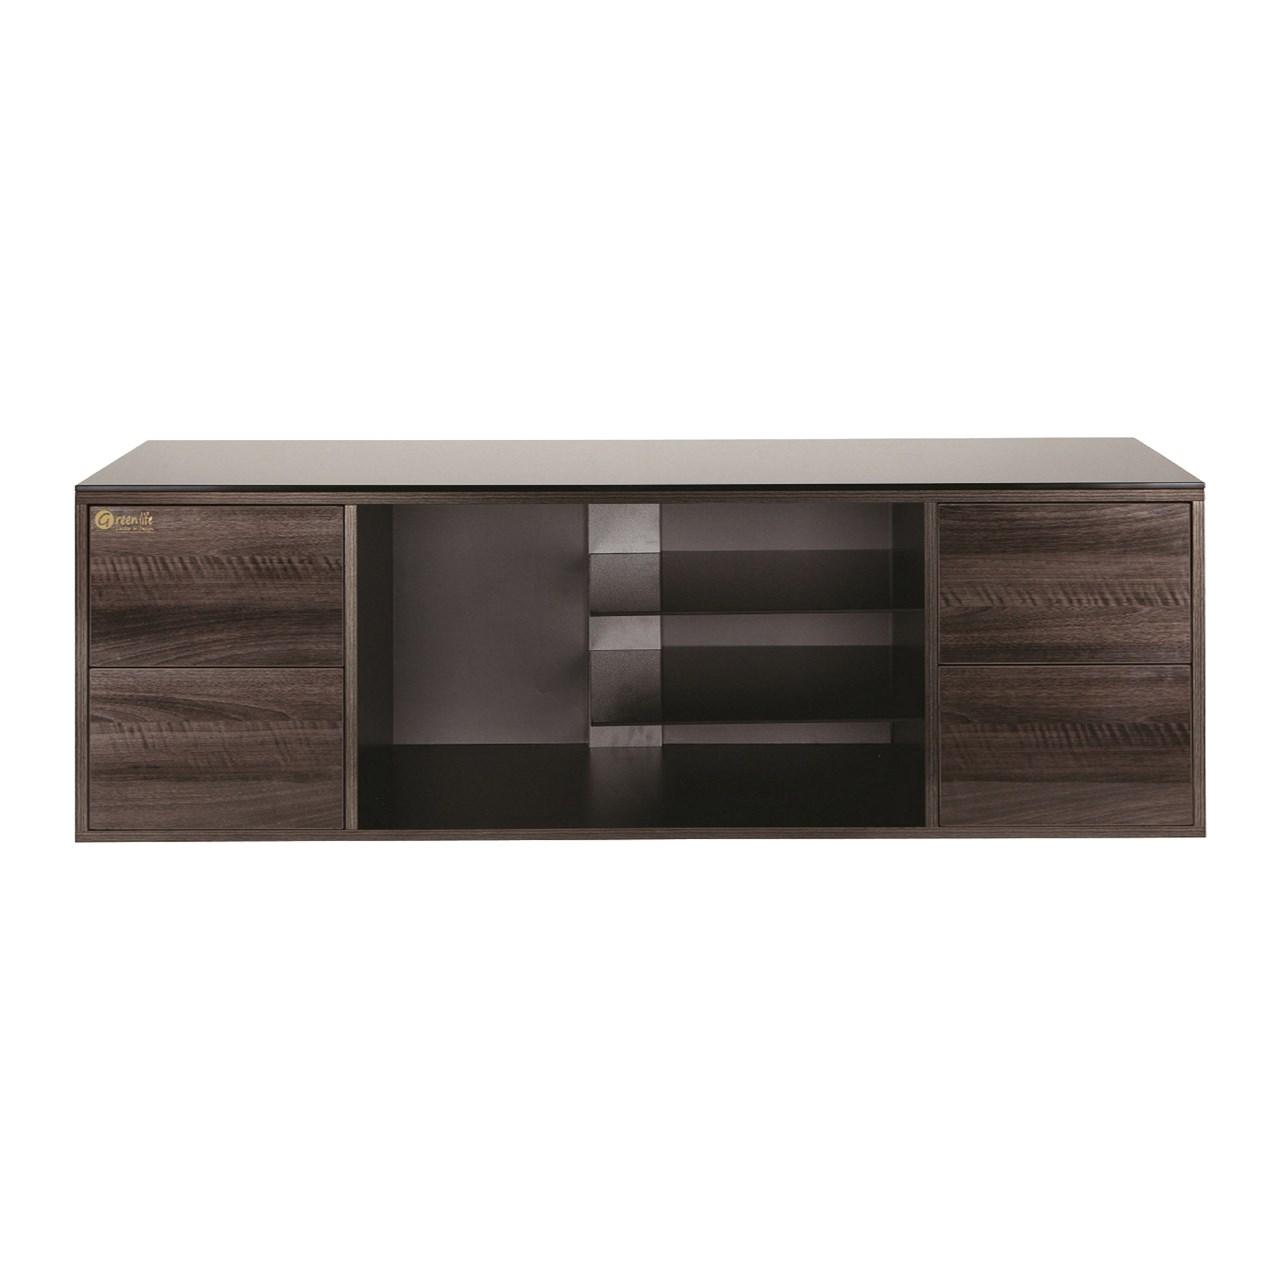 میز تلویزیون گرین لایف مدل G - 615 / K